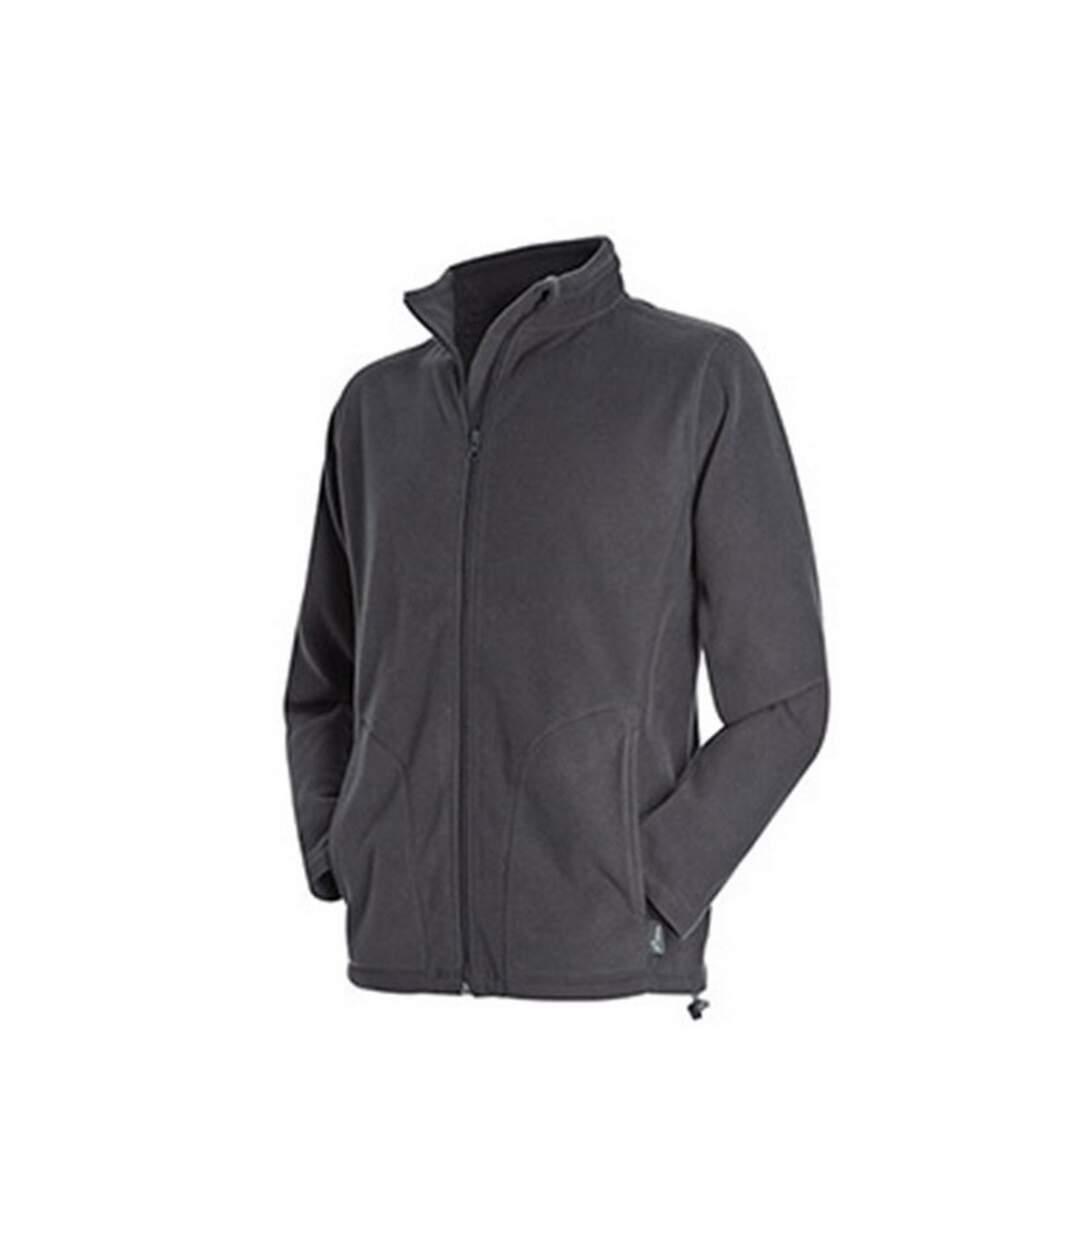 Stedman Mens Active Full Zip Fleece (Grey Steel) - UTAB292